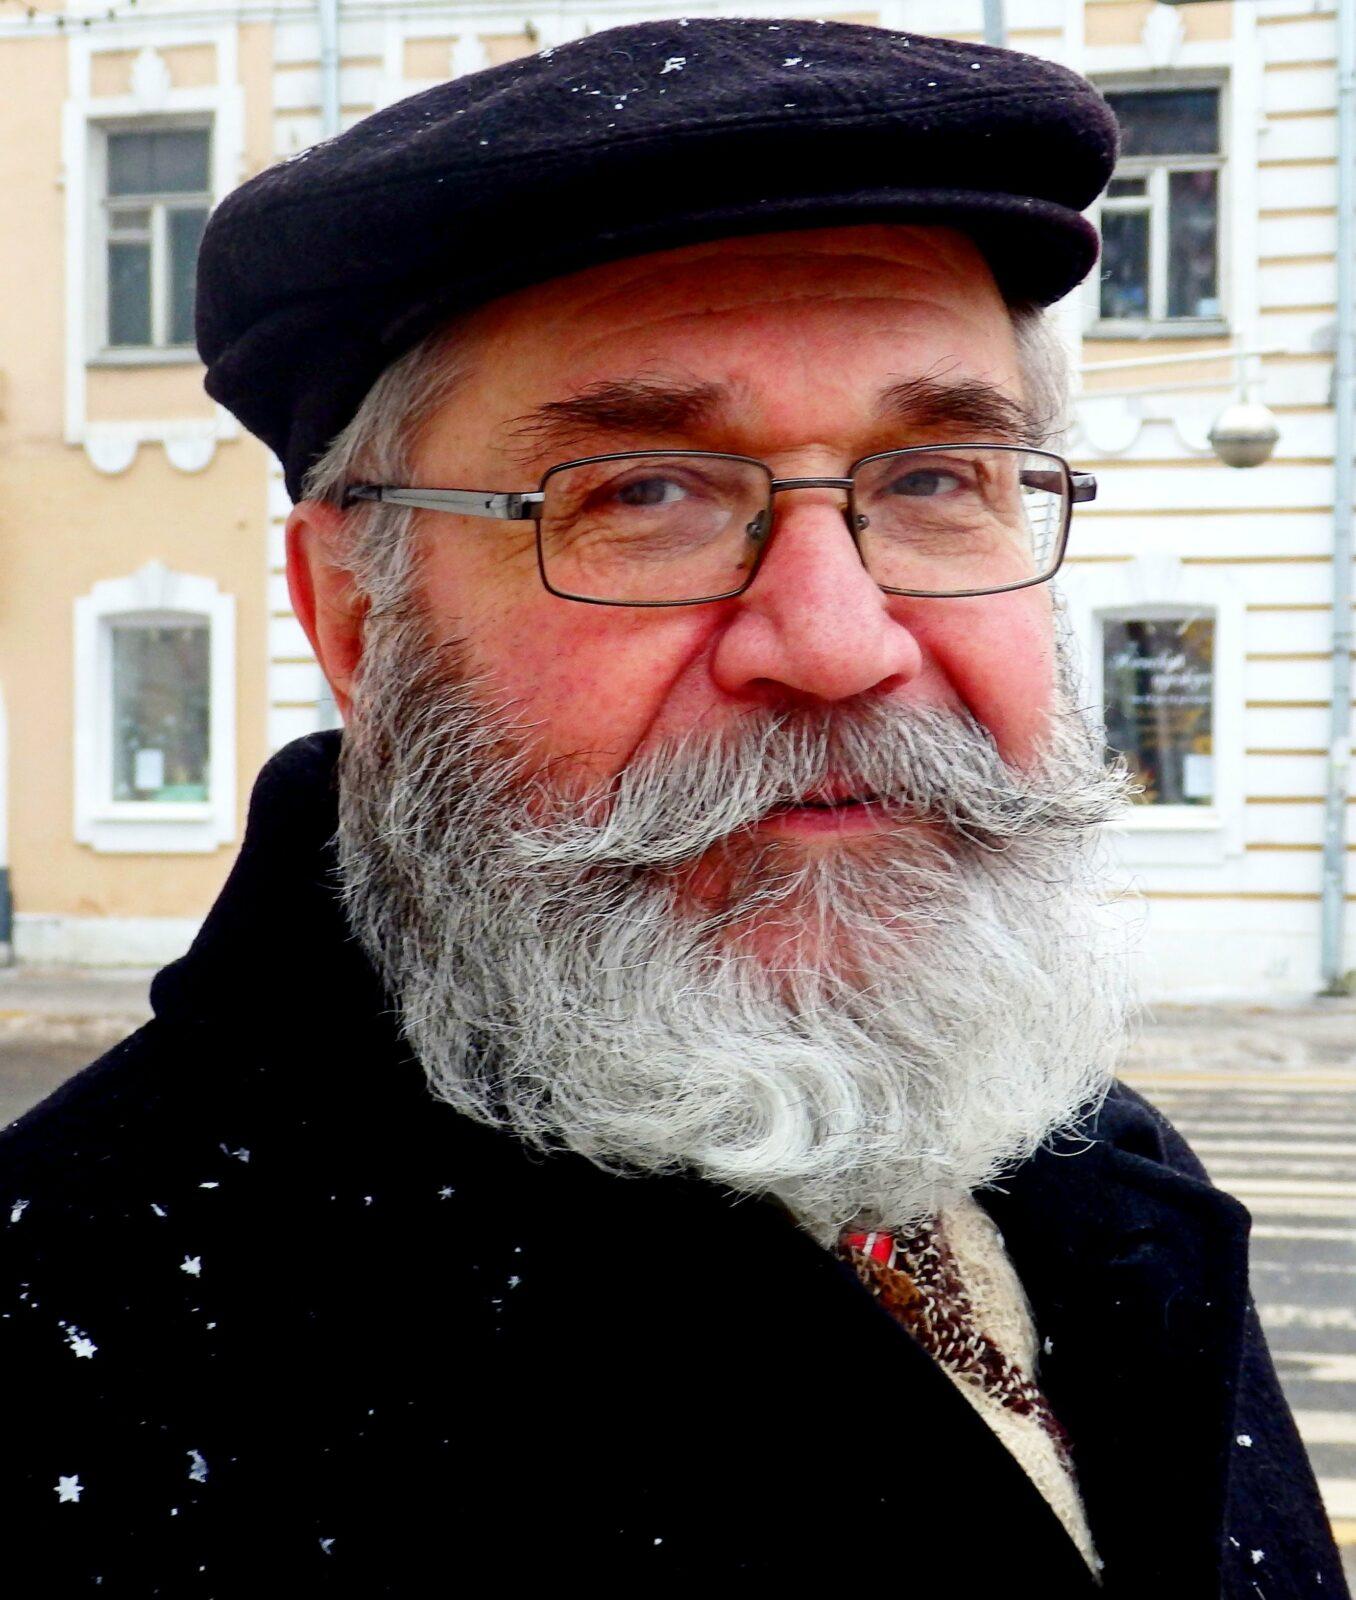 Владимир Осипов : Вложение 3,3 миллиарда рублей в развитие медицины по нацпроекту «Здравоохранение» в «человеческий фактор» в Тверской области я считаю оправданным, даже экономически